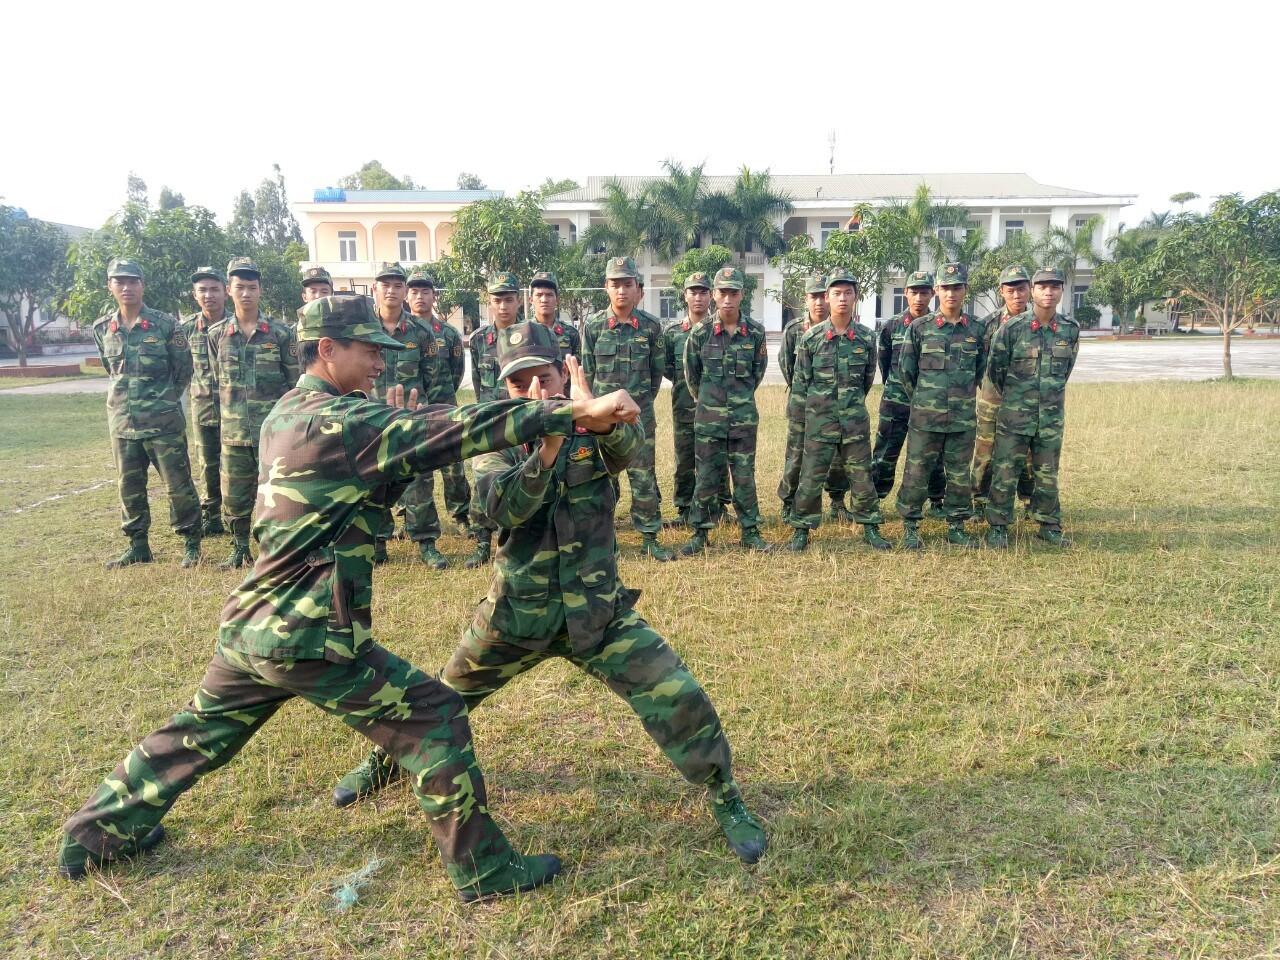 Đoàn Thanh niên Bộ CHQS tỉnh hỗ trợ cán bộ, đoàn viên rèn luyện sức khỏe